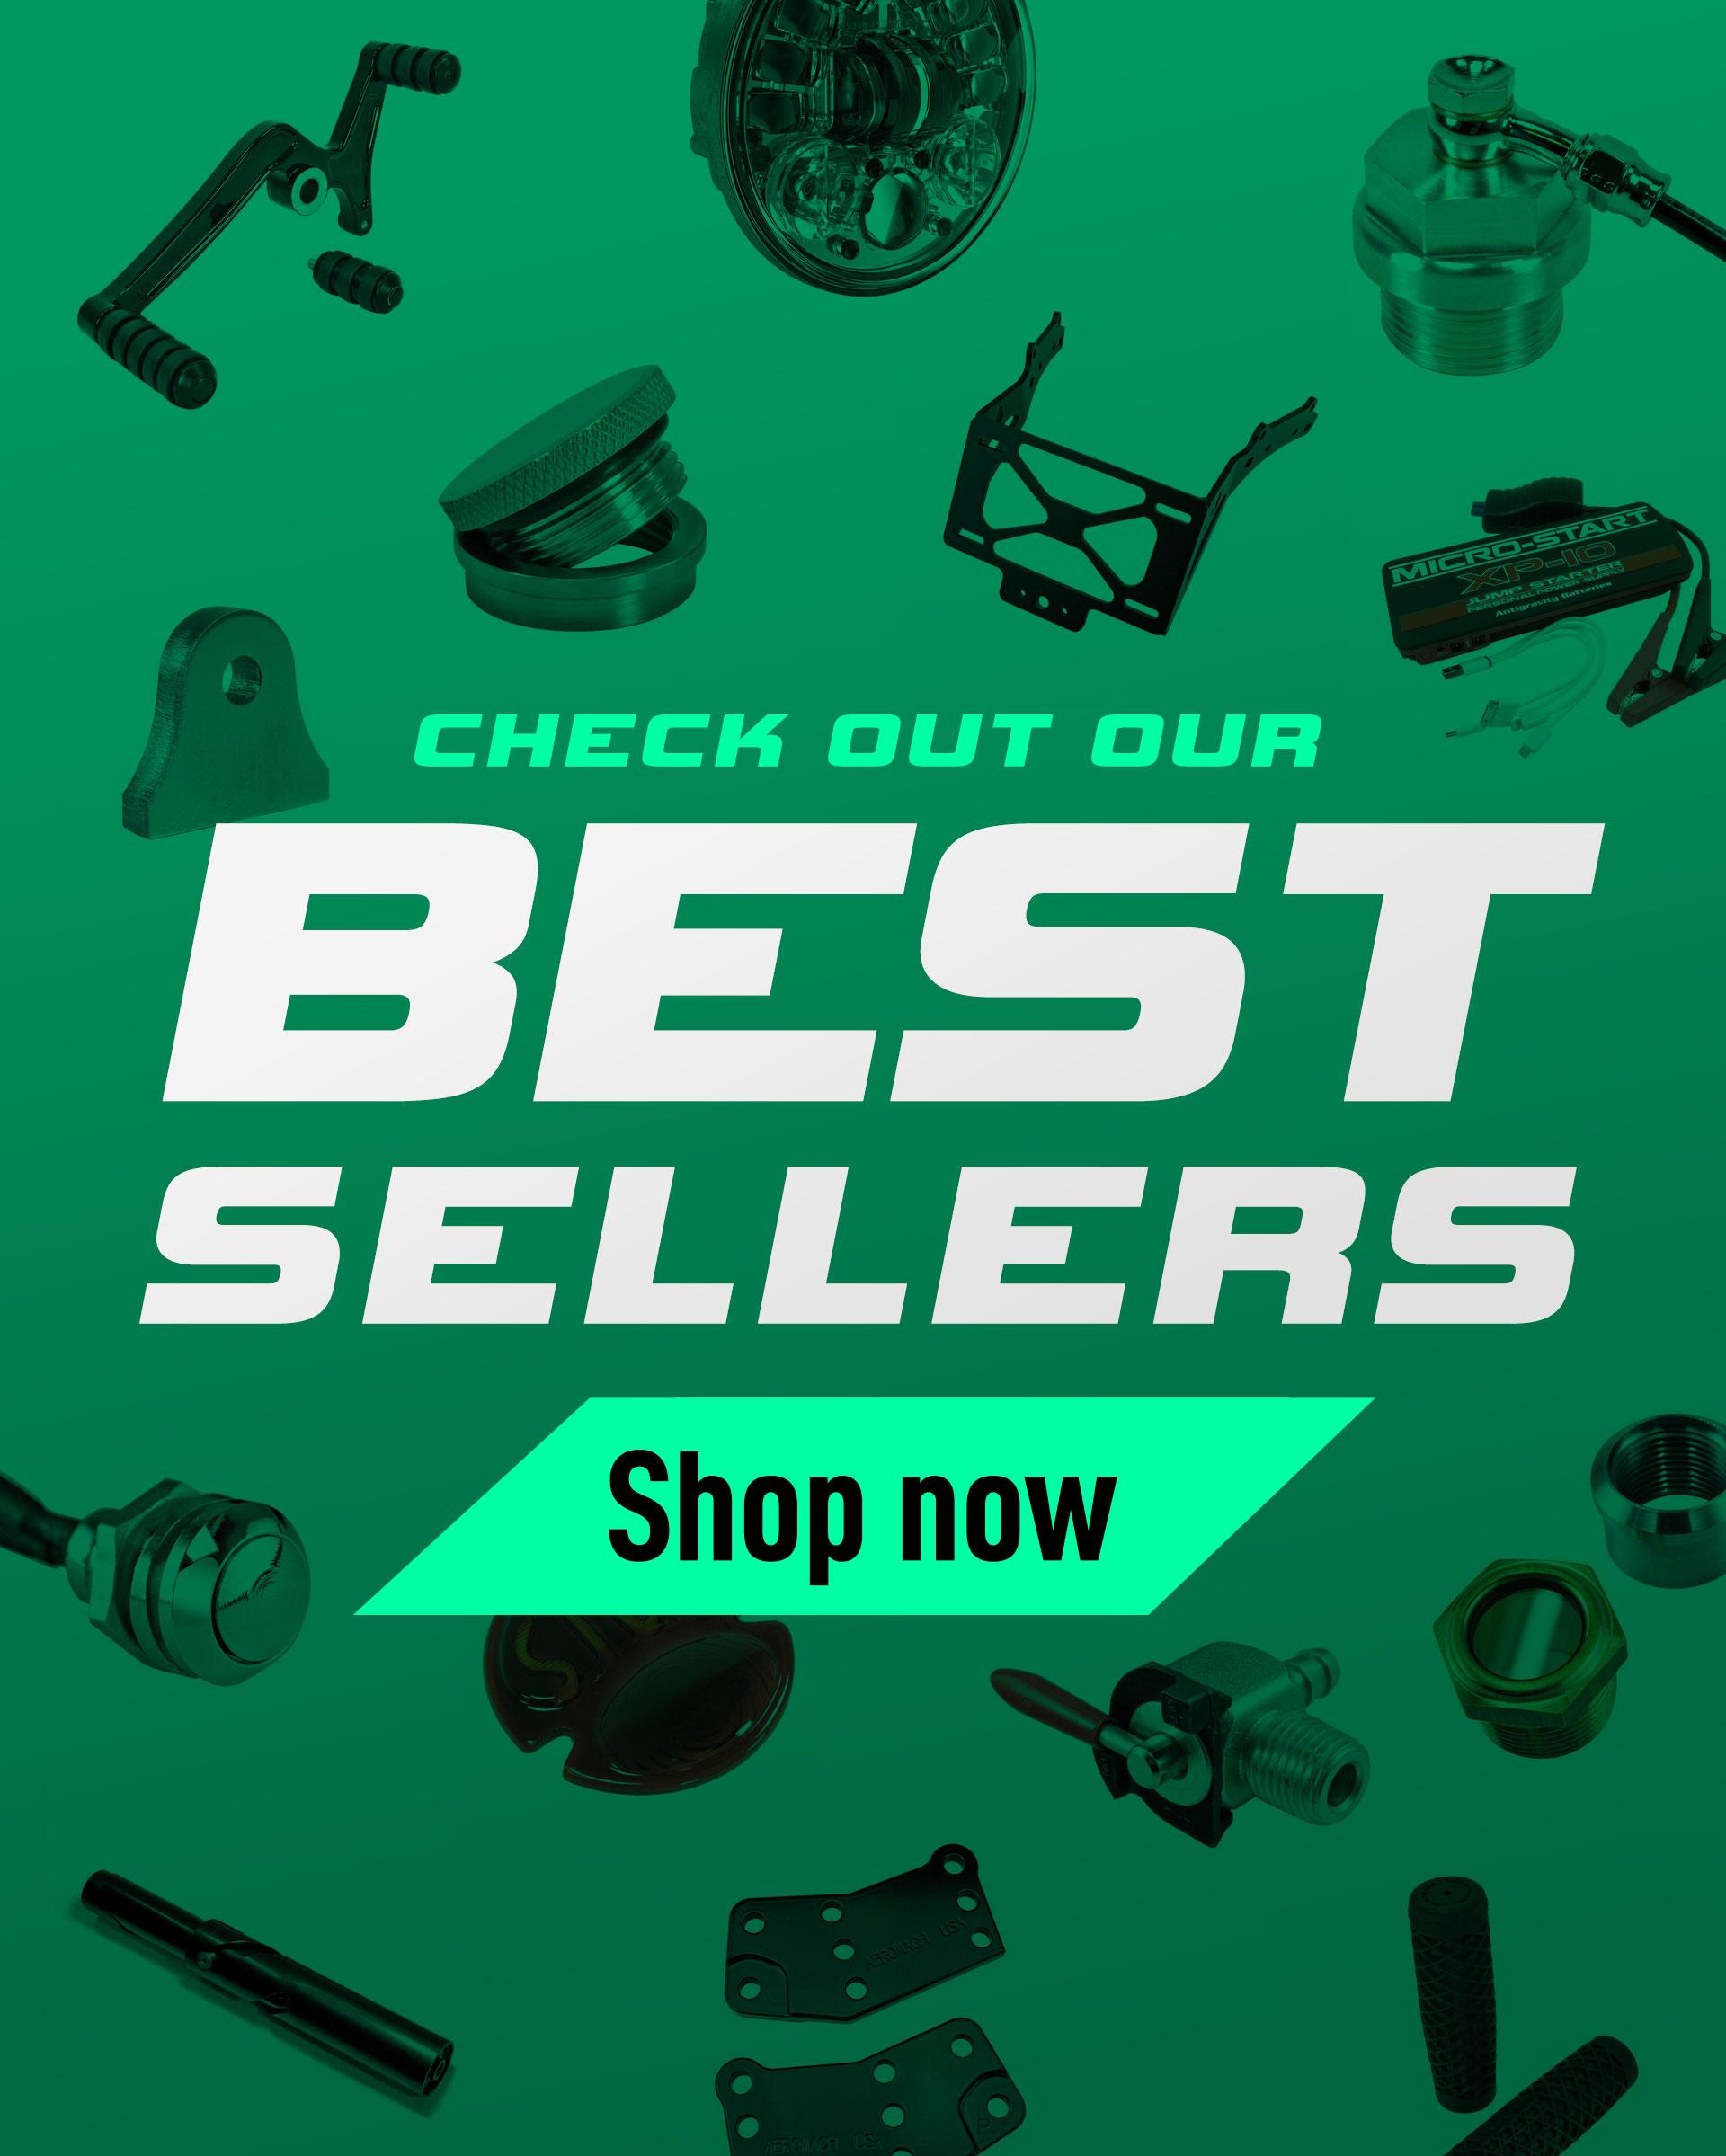 billetproofdesign.com-ad-best-sellers-1.jpg